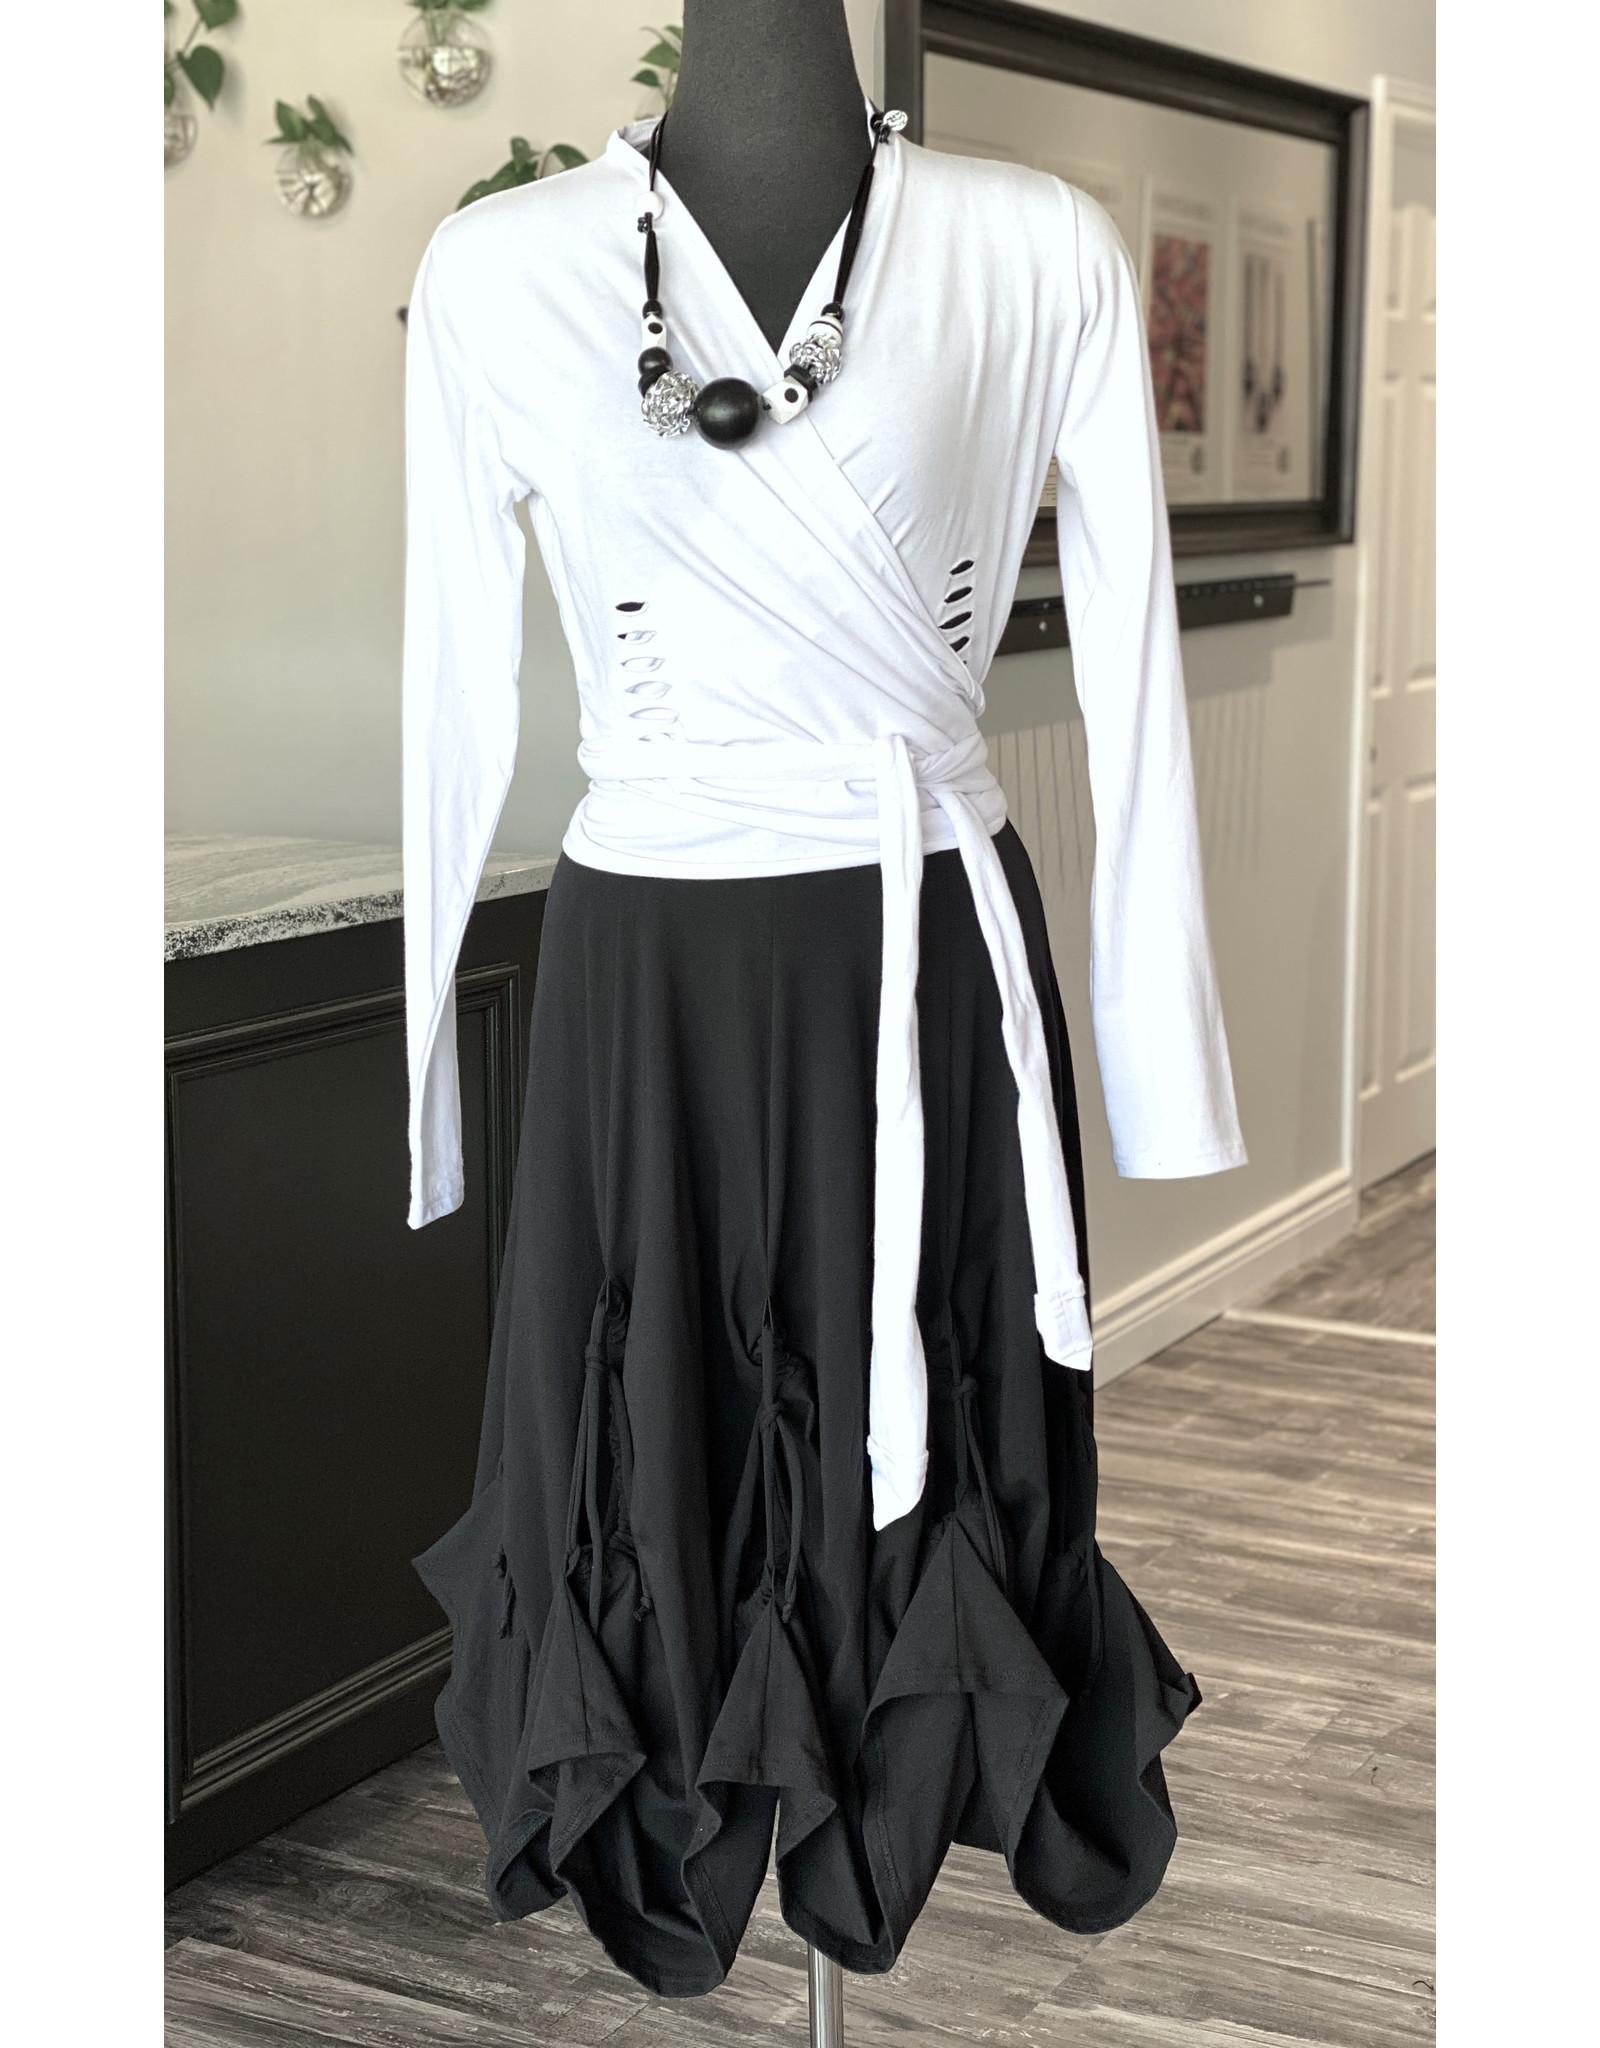 Boris Boris- Pick up Dress in Black